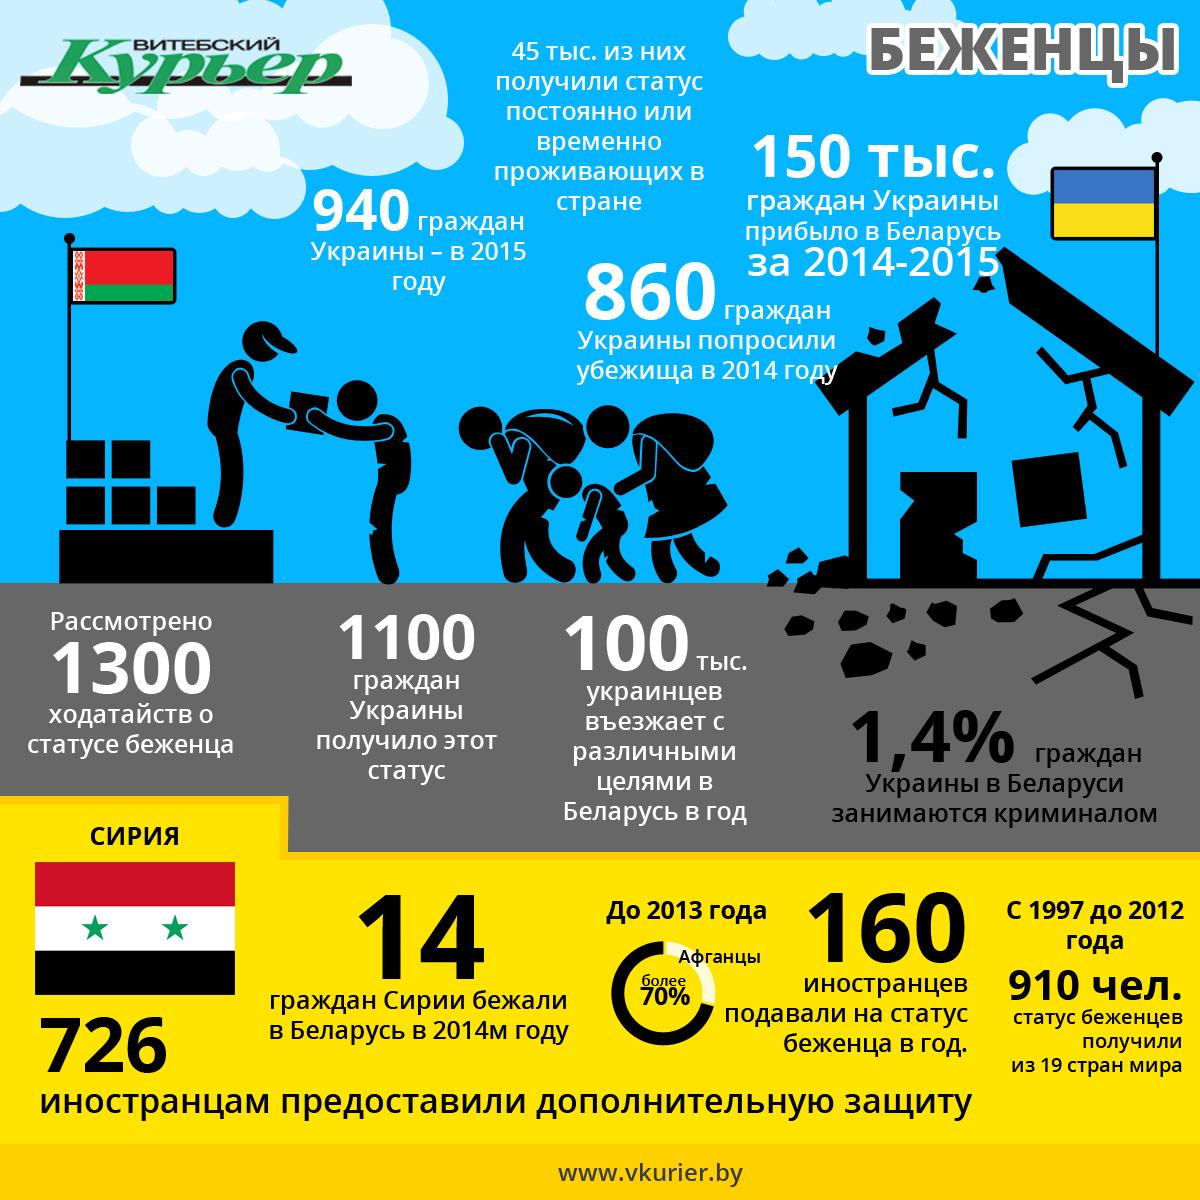 Беженцы в Беларусь (91)